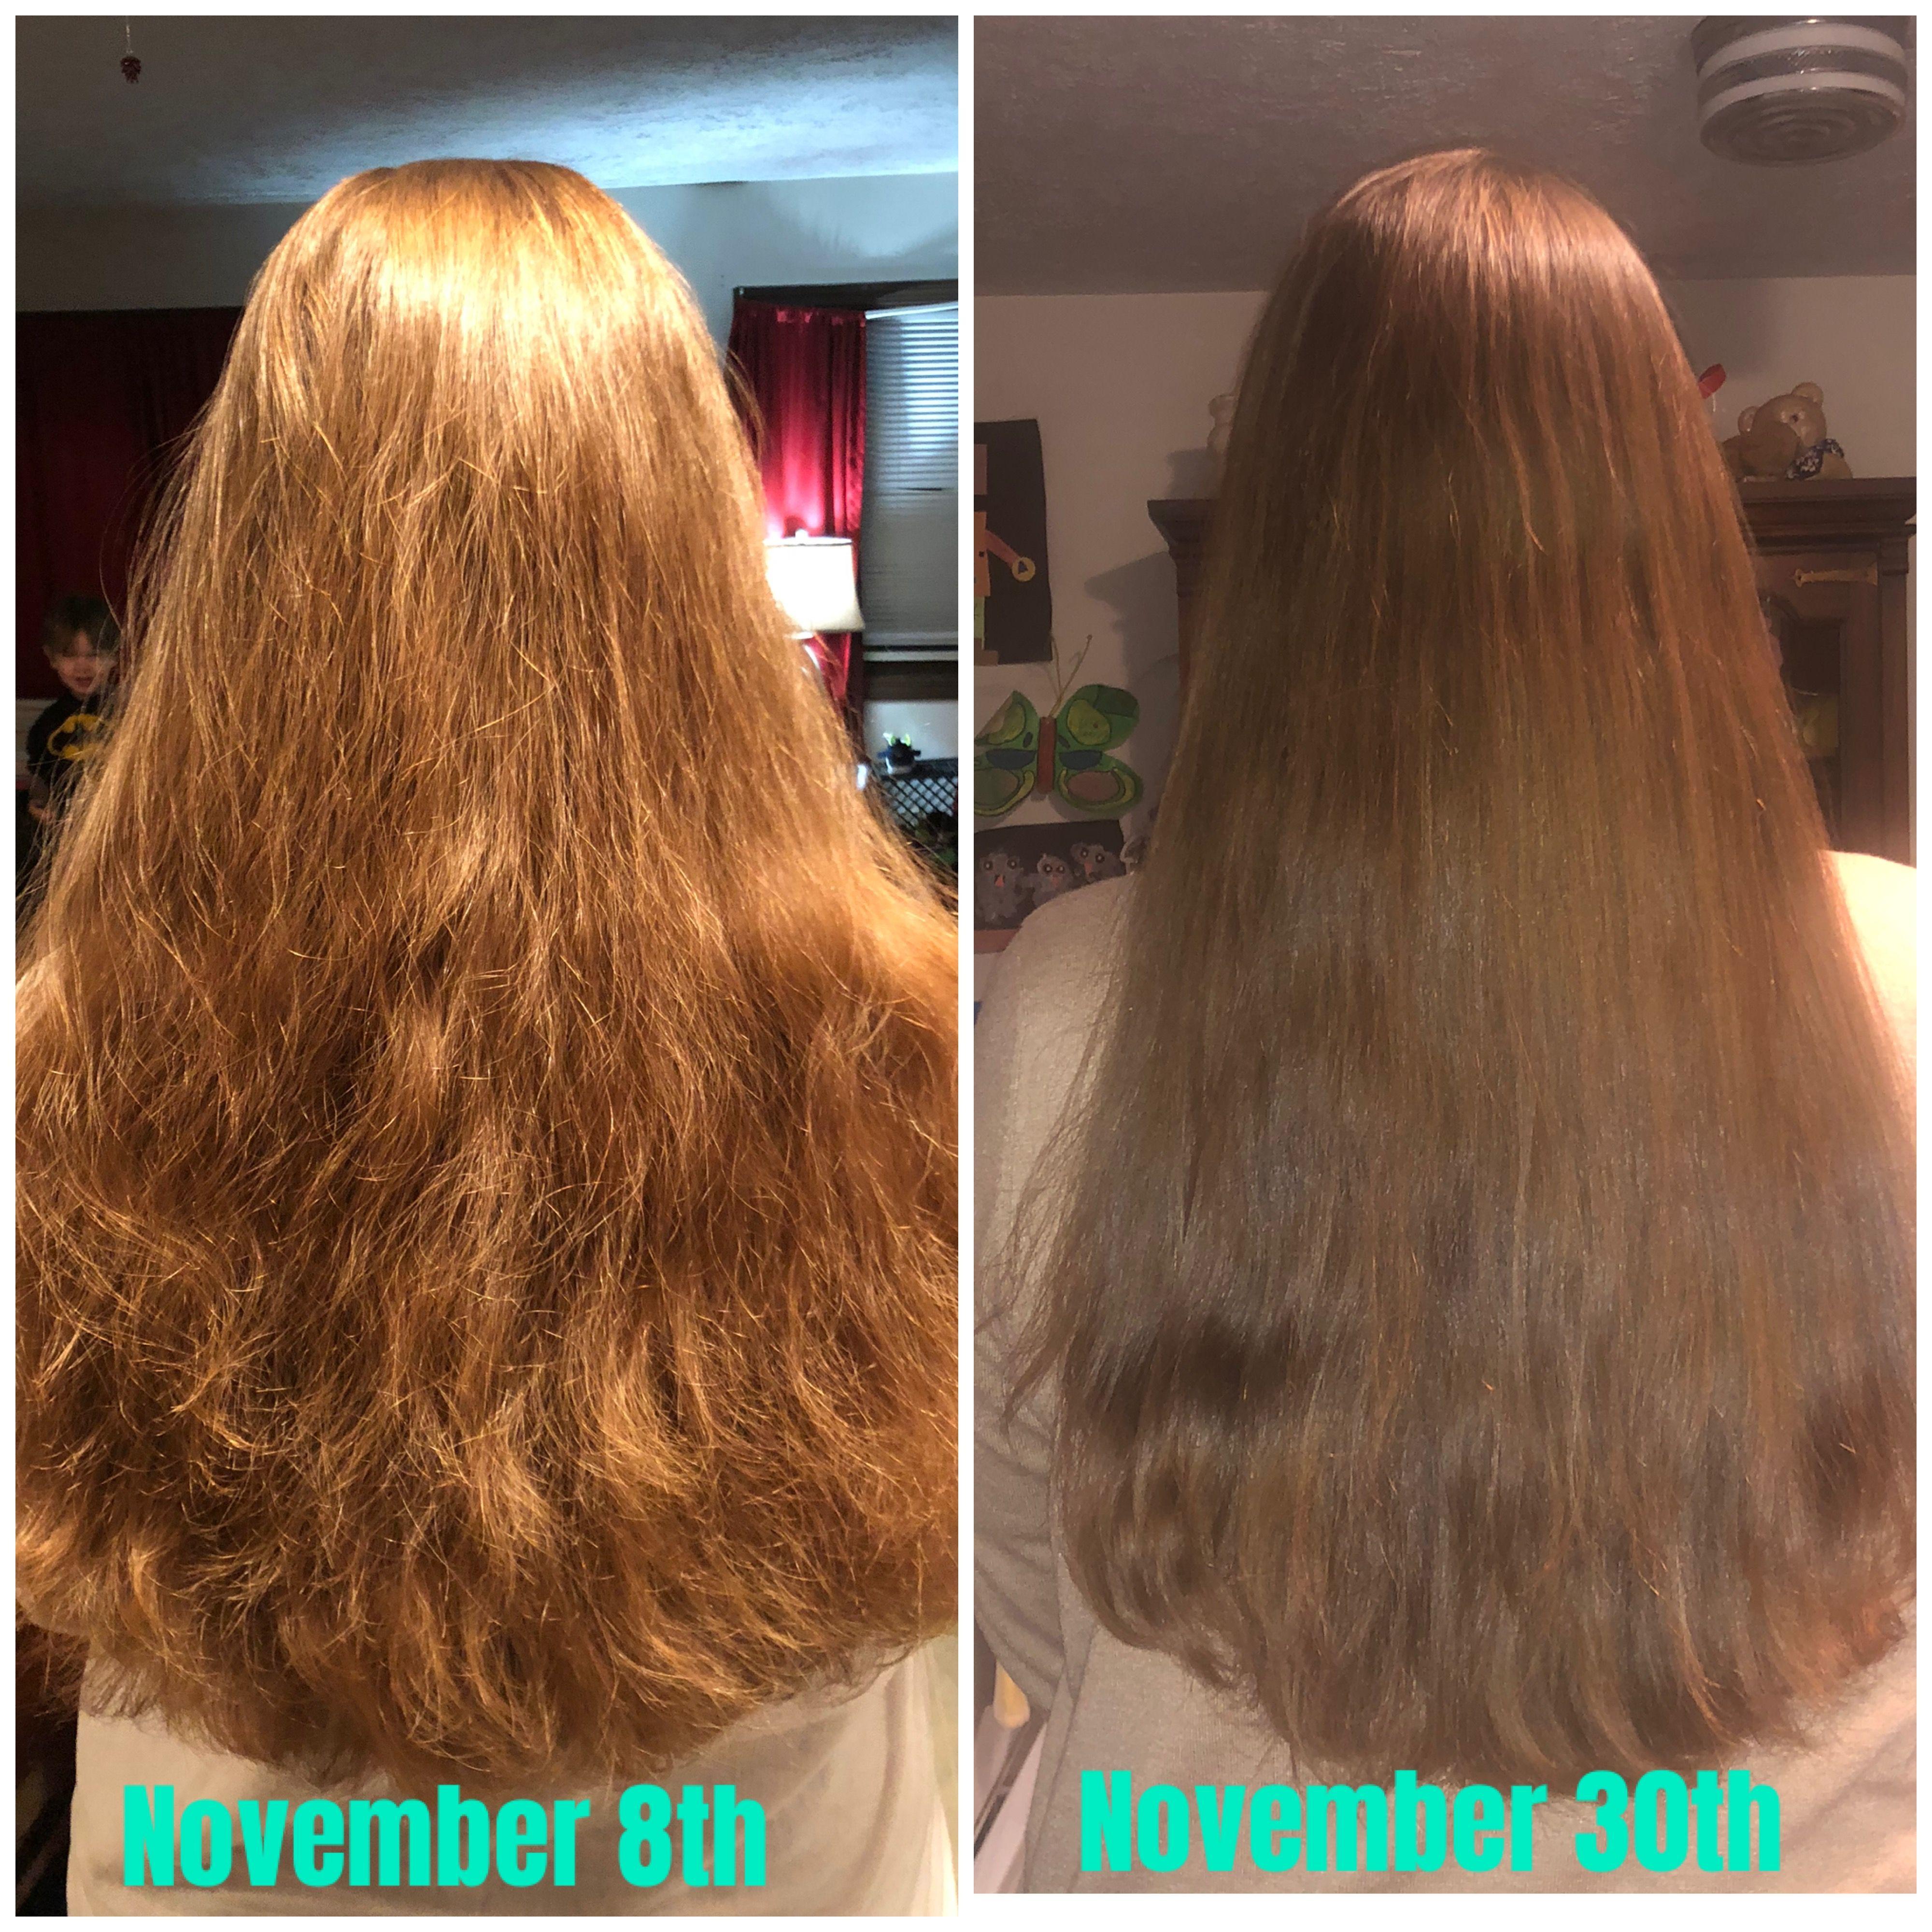 Farmasi products keratin shampoo and hair mask, 3 week